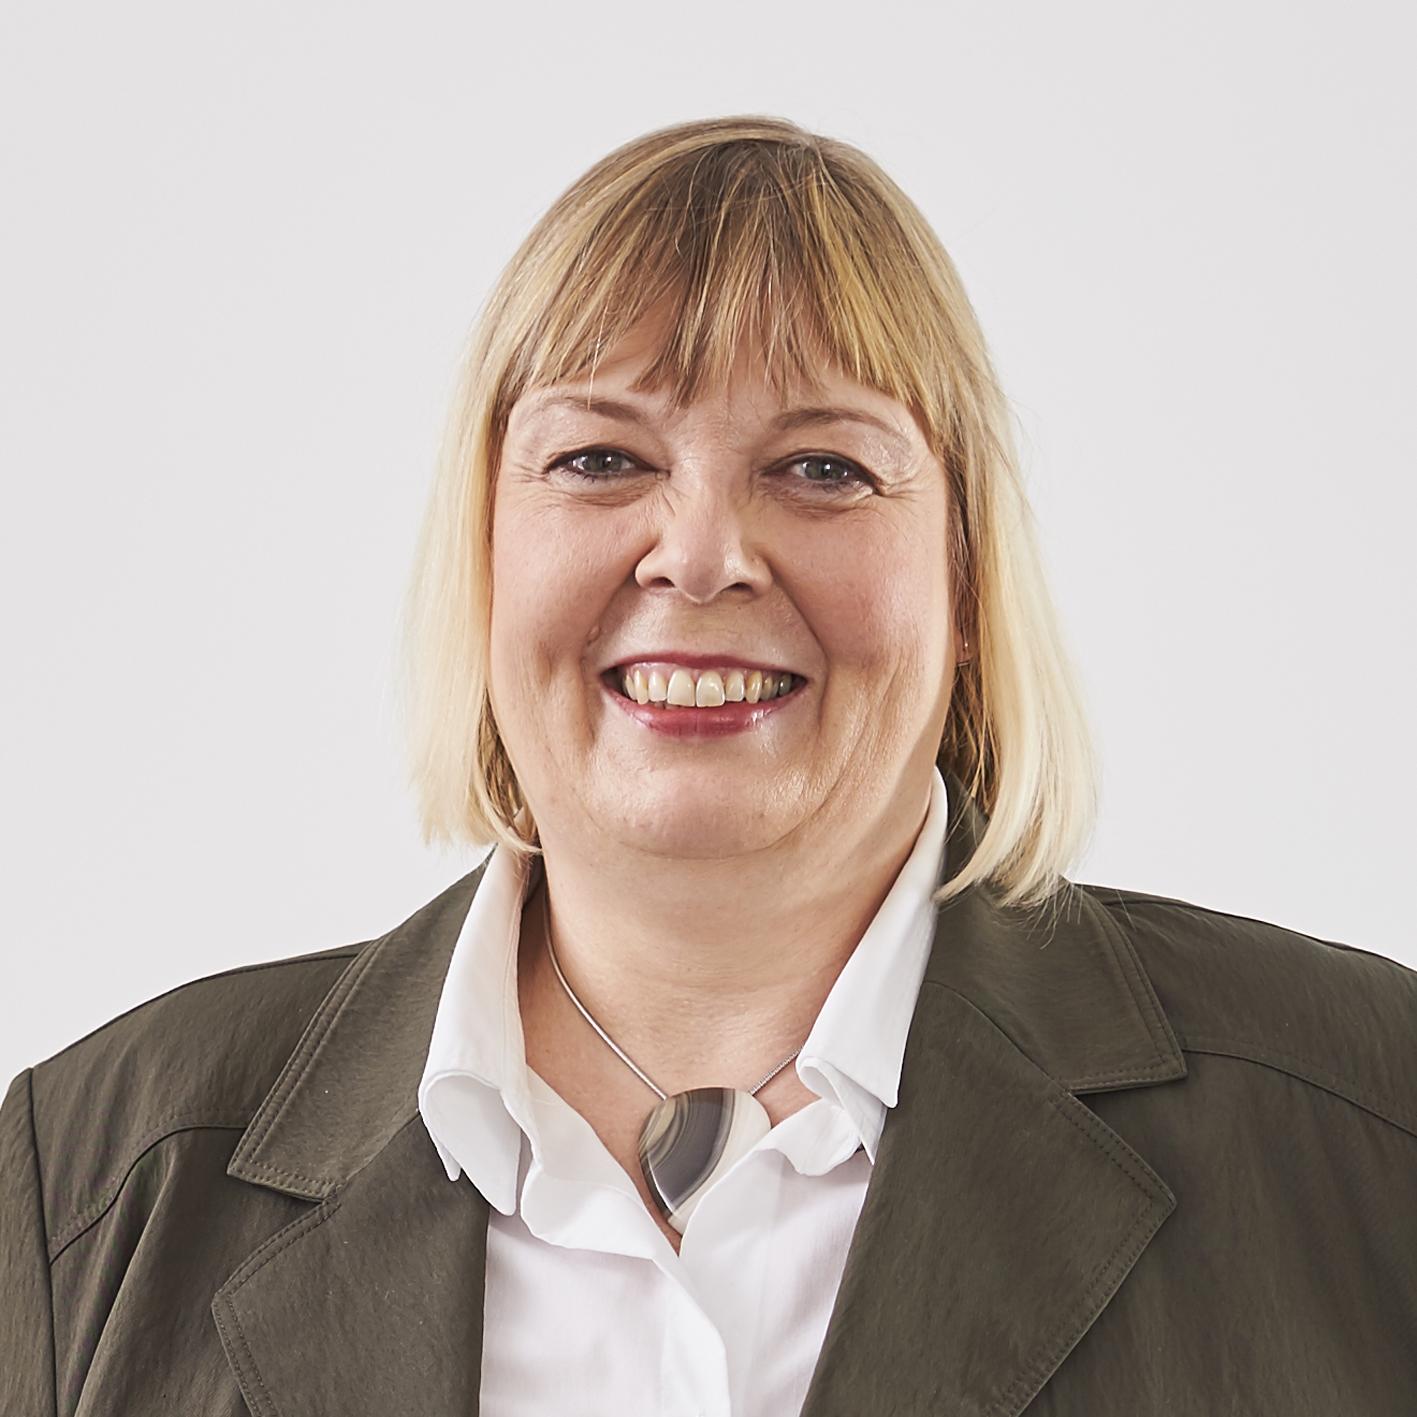 Anja Bender ist die persönliche Assistentin des Geschäftsführenden Gesellschafters der Thomann GmbH. Thomann Executive Search.